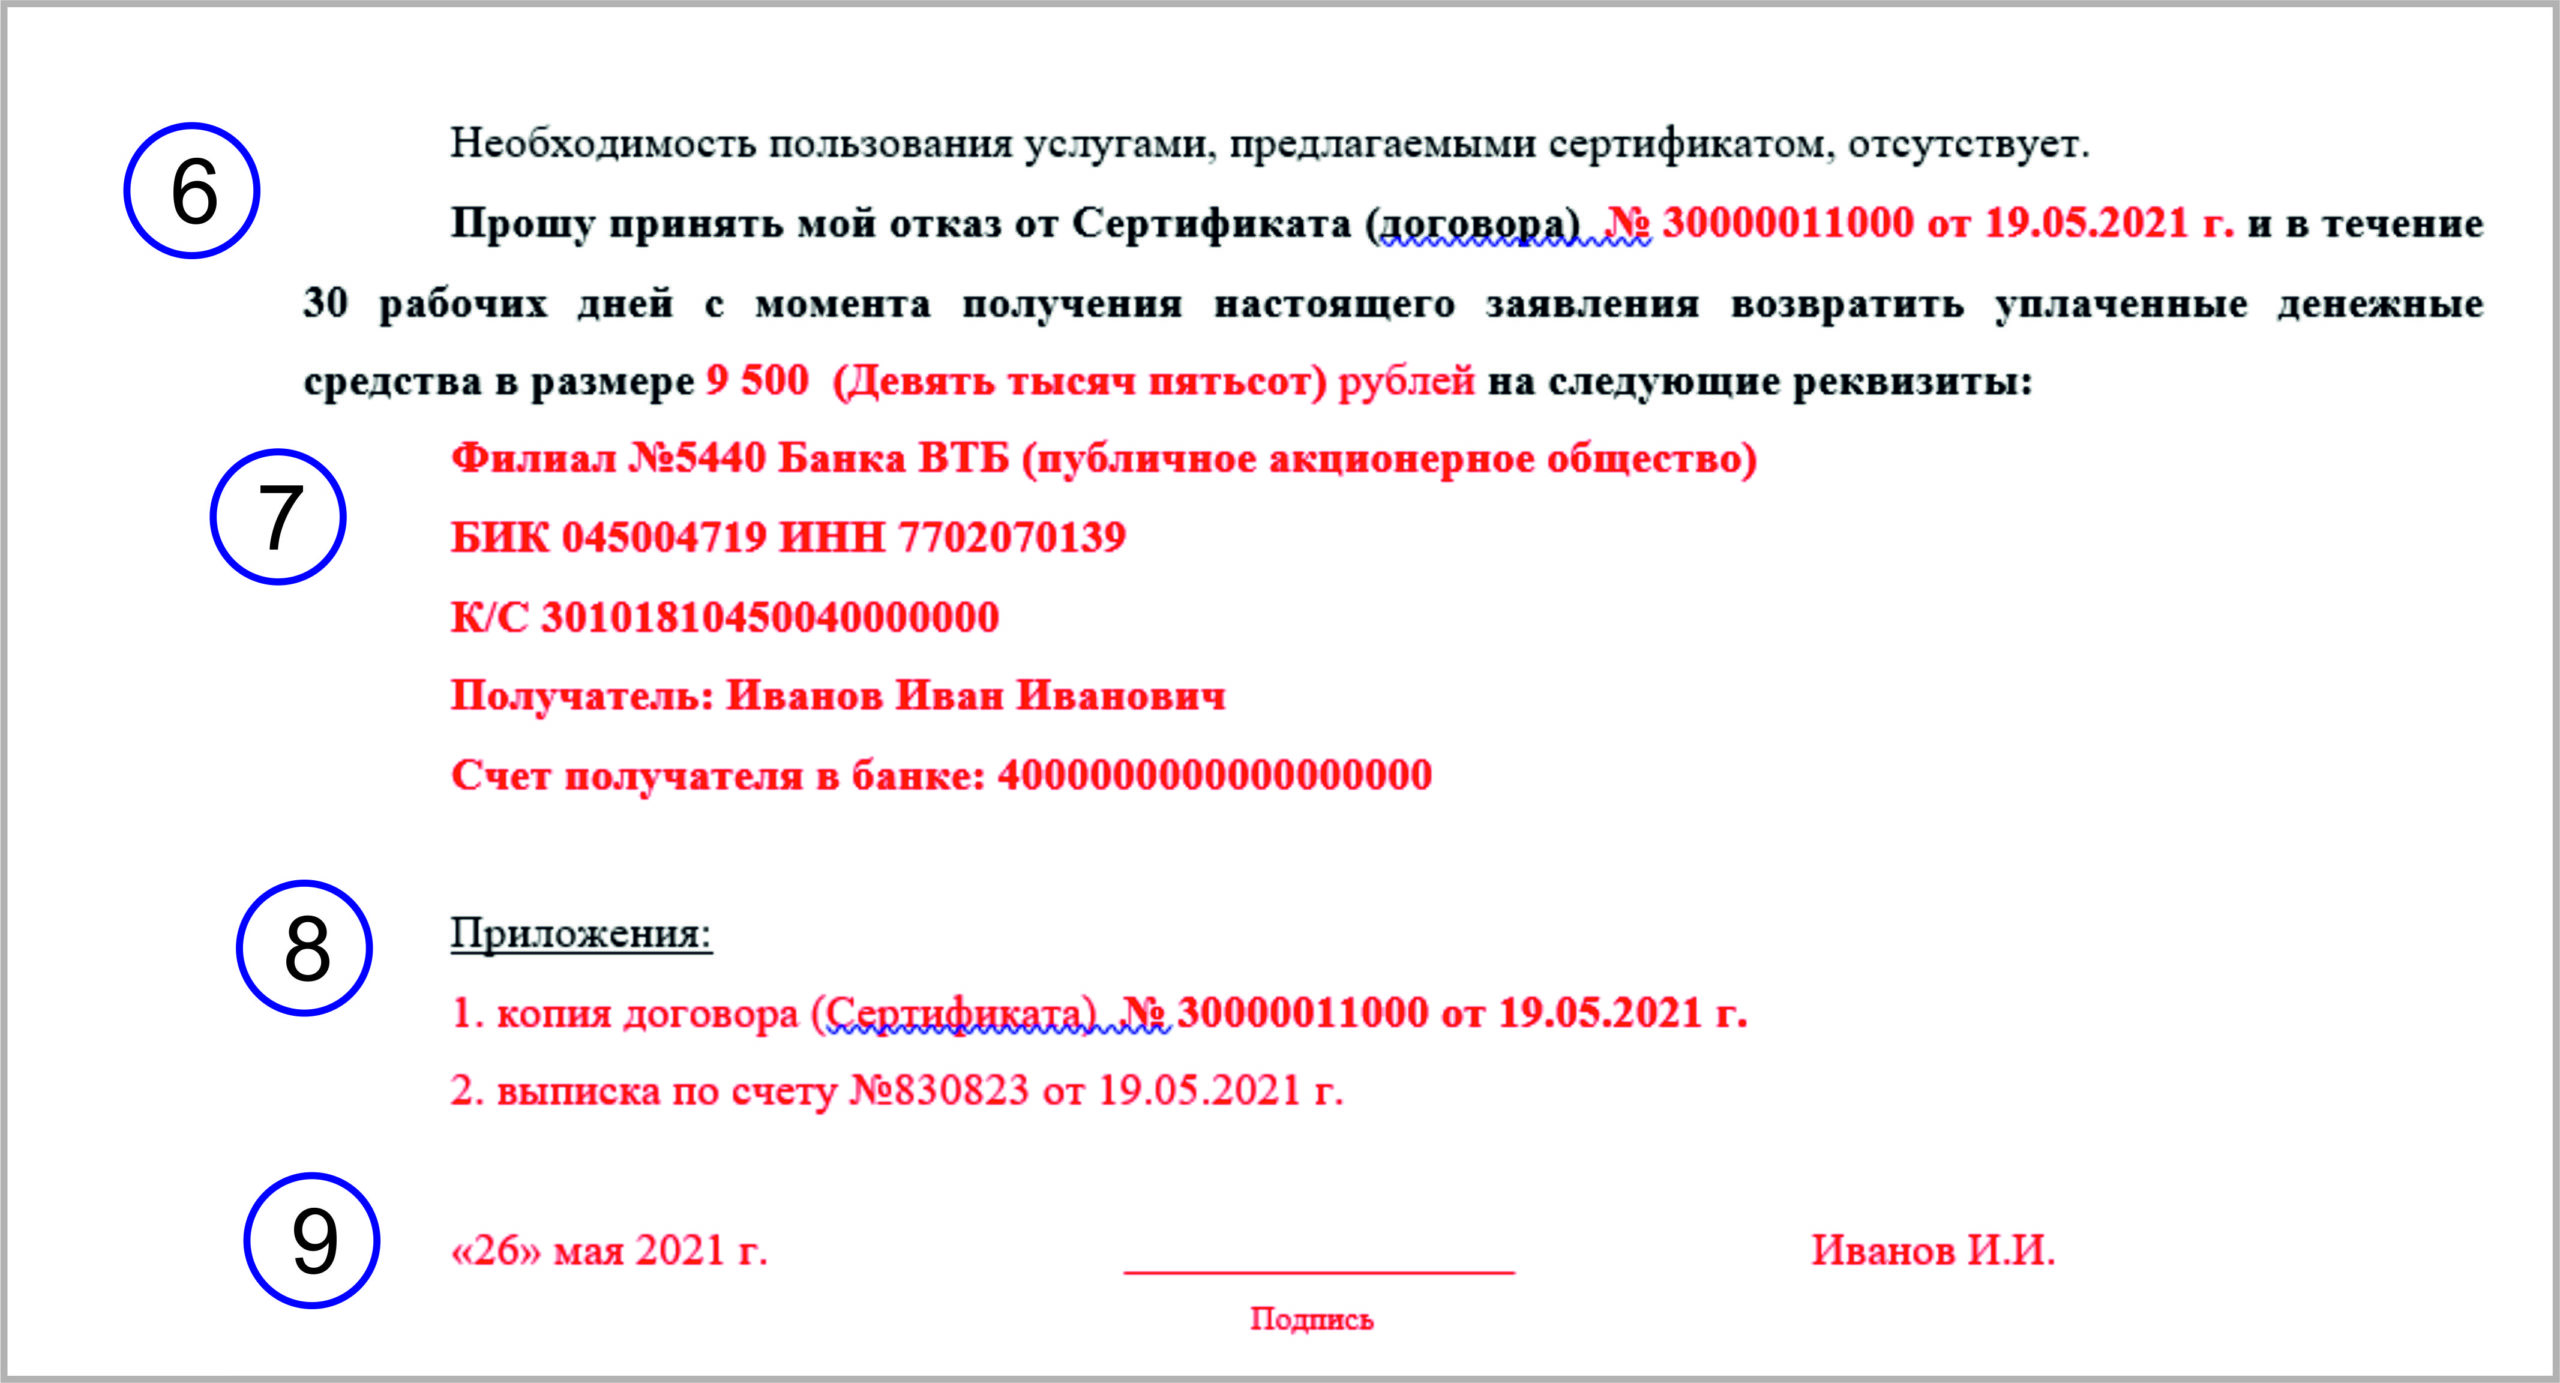 ЕЮС отказ от сертификата: инструкция и заявление на возврат денег